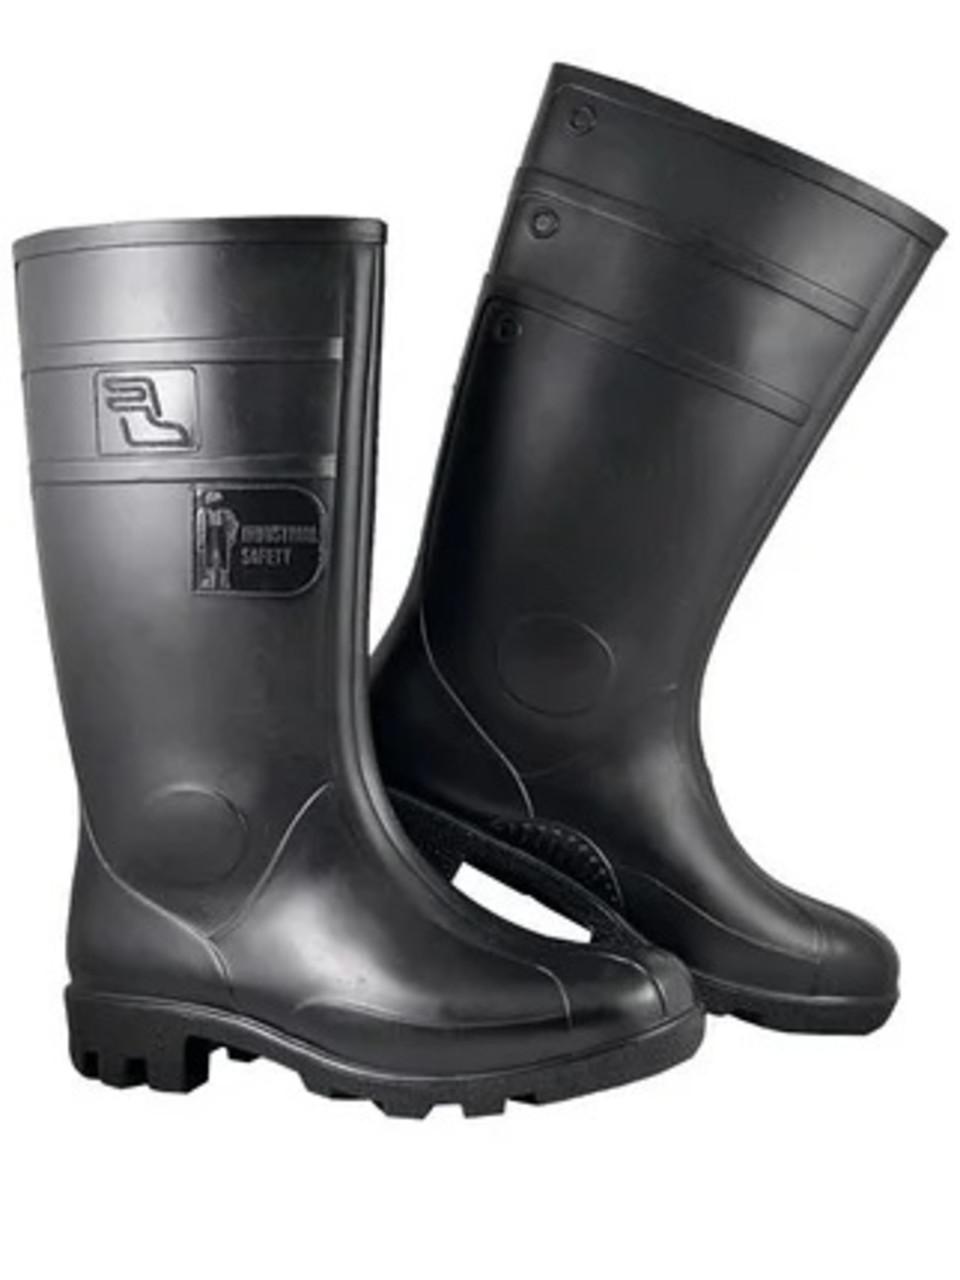 """Обувь рабочая сапоги резиновый """"BFPCV 13157"""""""